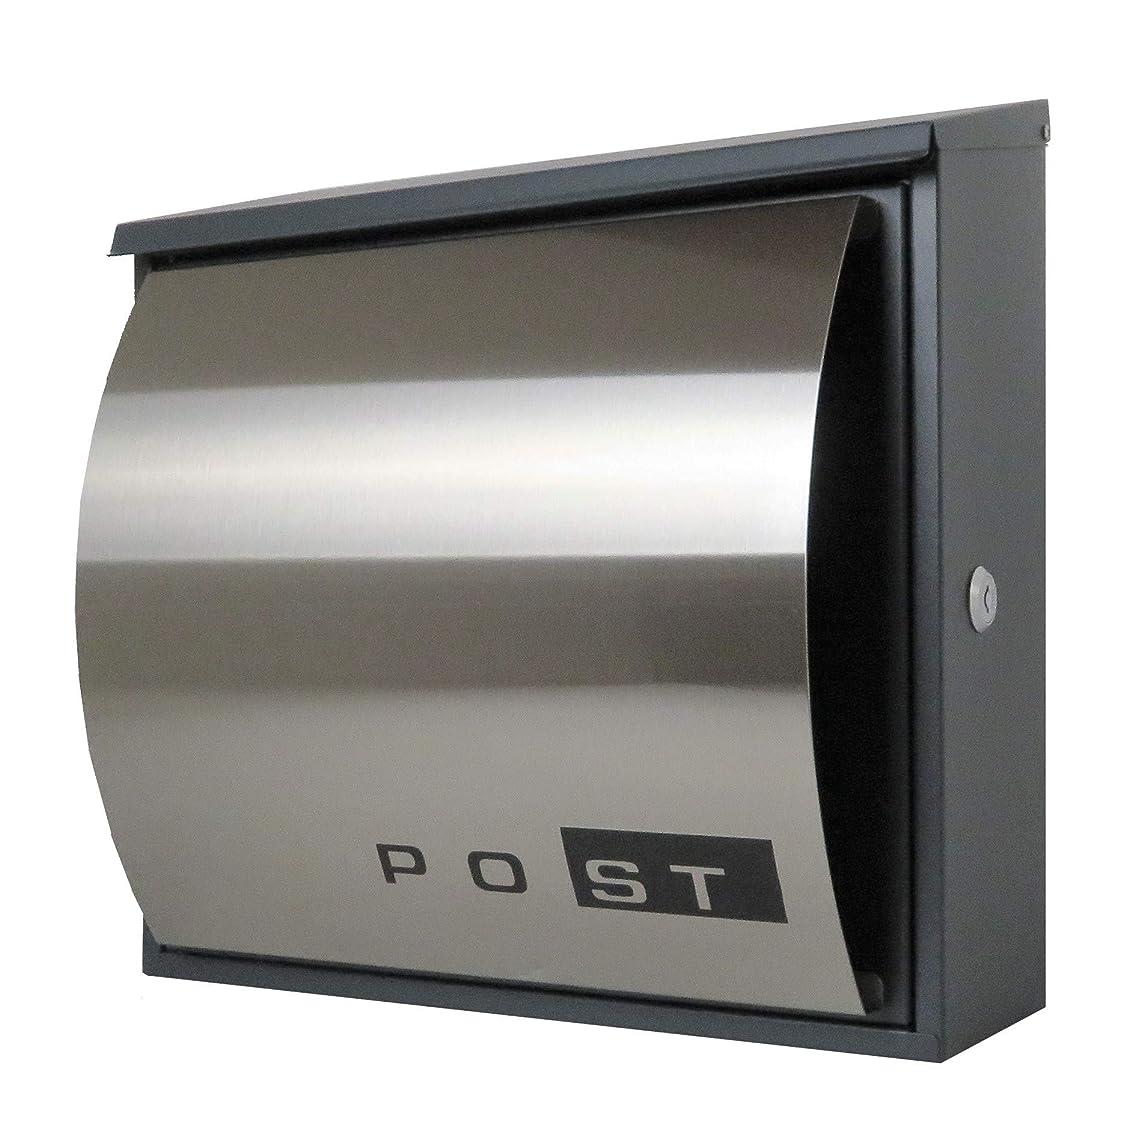 歩き回る知恵迷路アイホーム(Ihome) 郵便ポスト pm36 pm362 シルバーステンレス色 奥行17×高さ33×幅35.5cm 高級キーホルダー1個、カギ2本、アンカープラグ4本、ネジ4本、ゴム栓4個